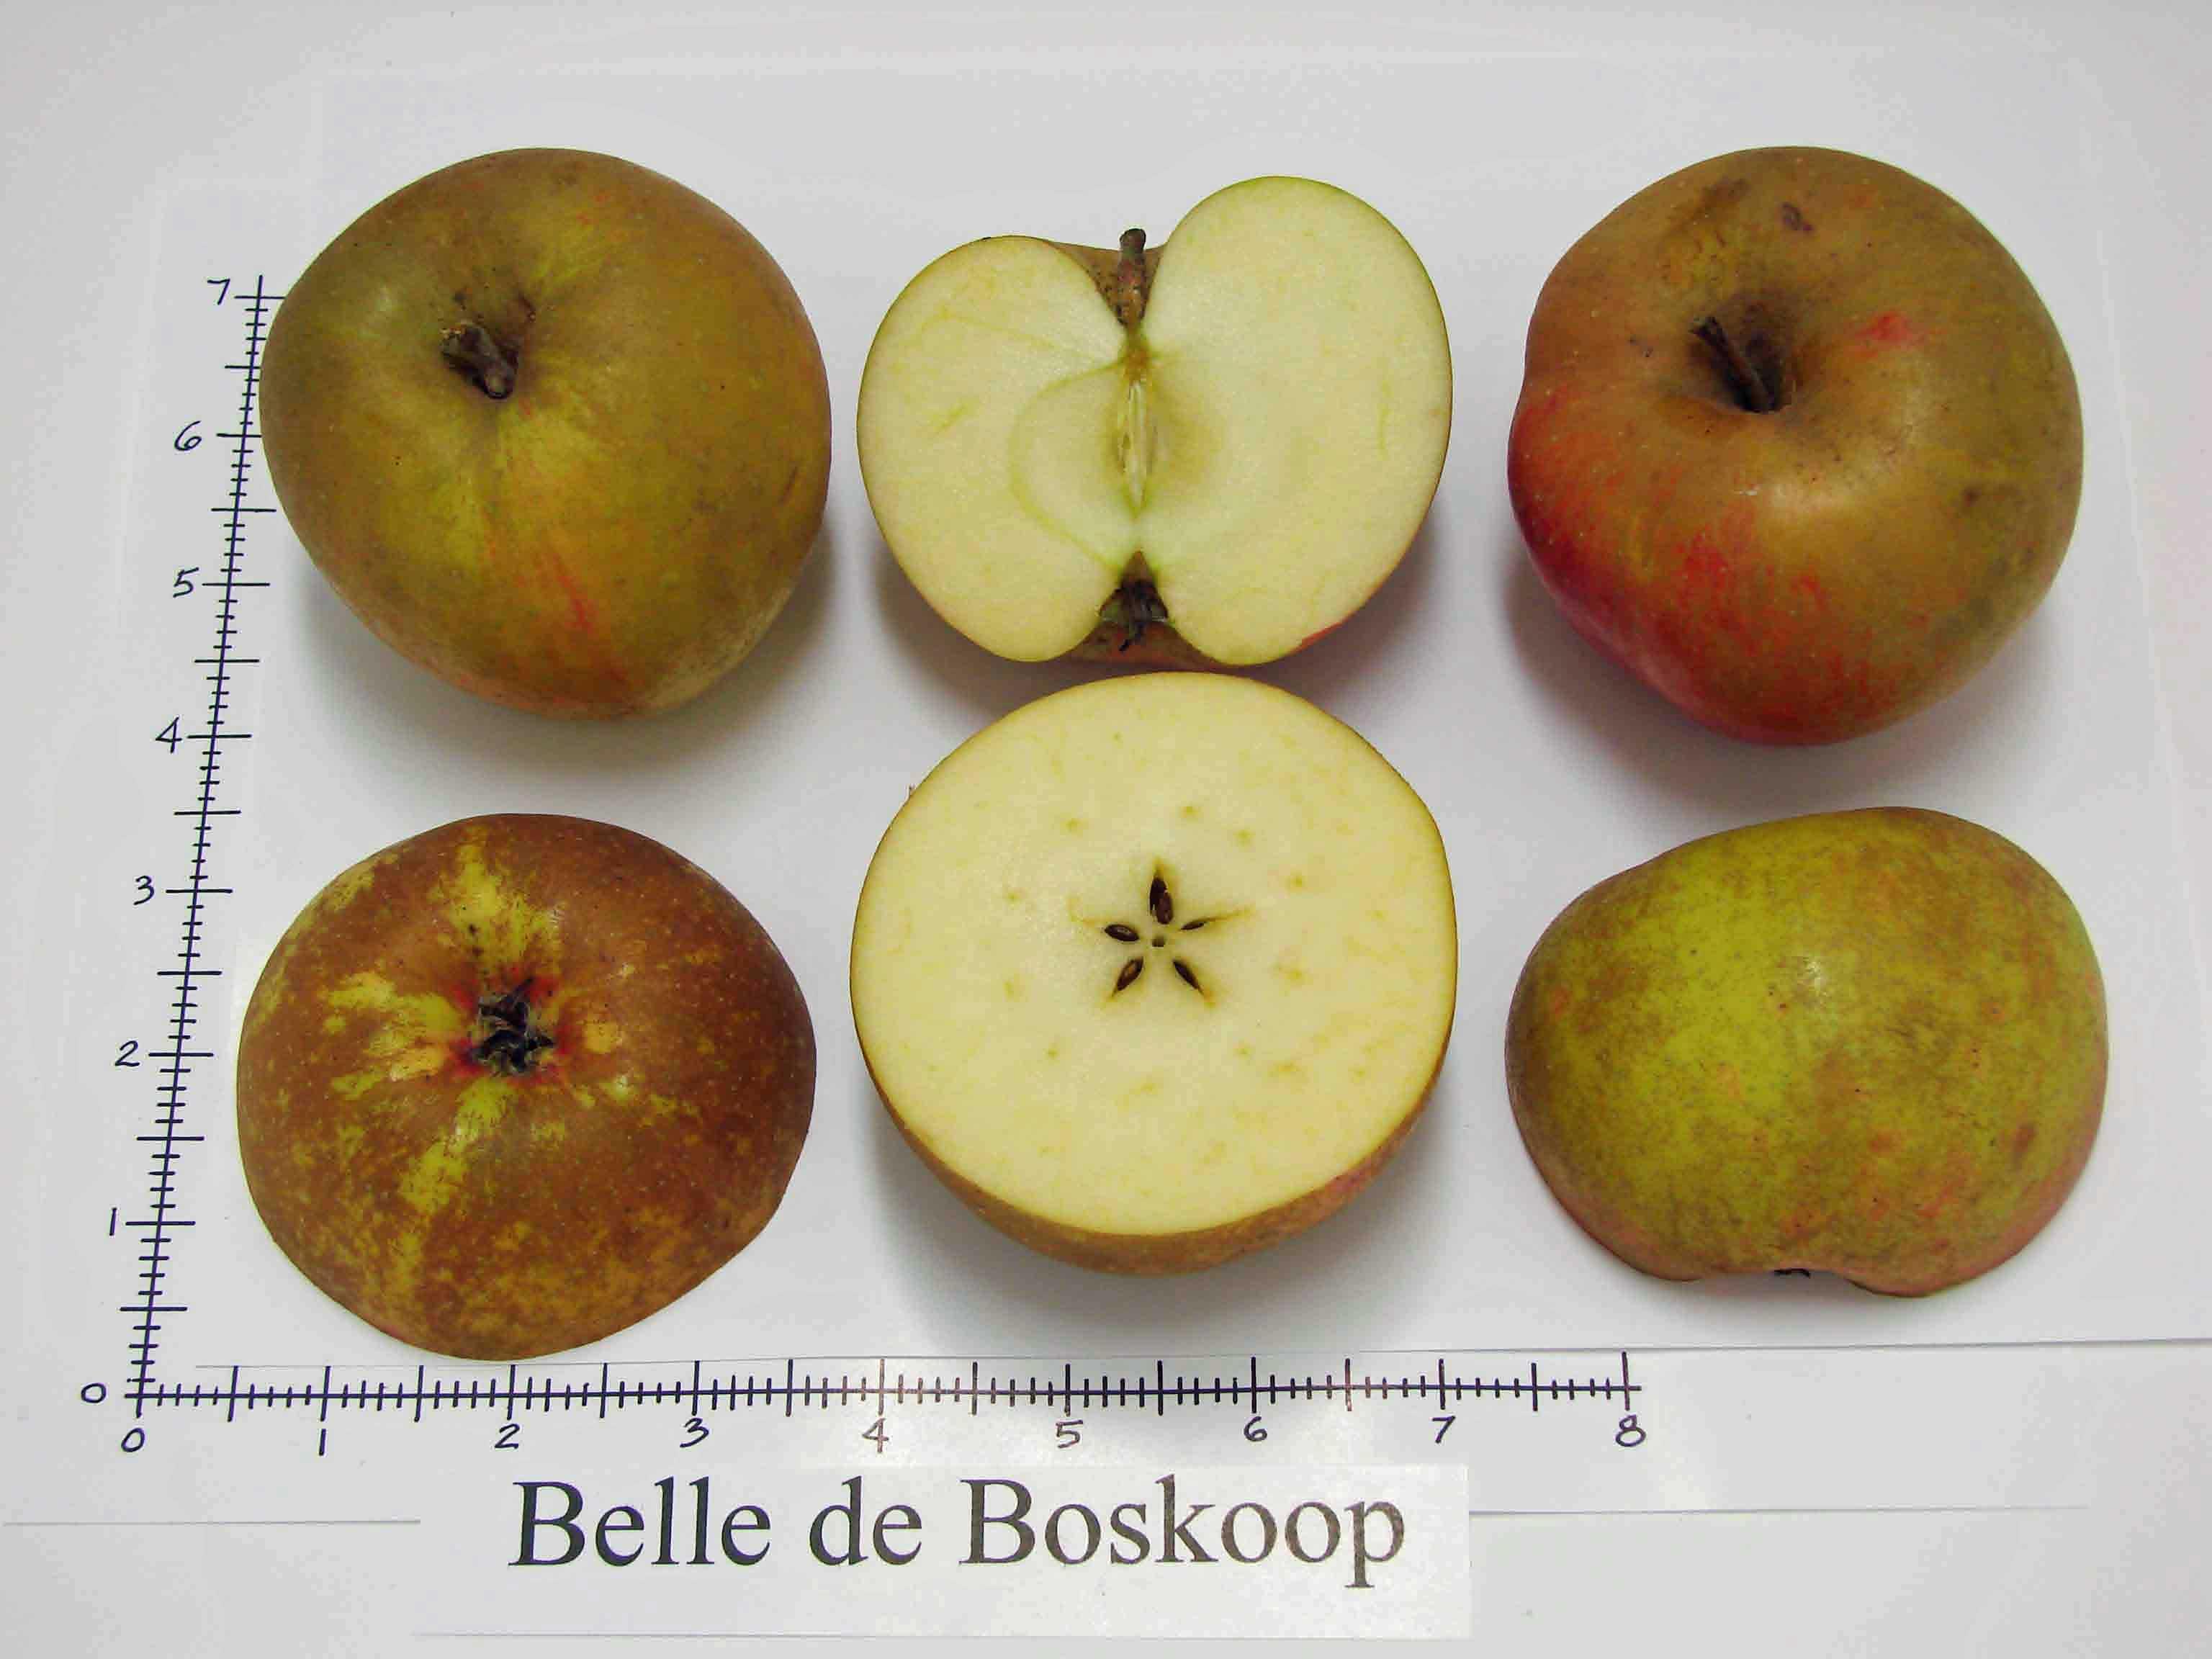 Belle de Boskoop